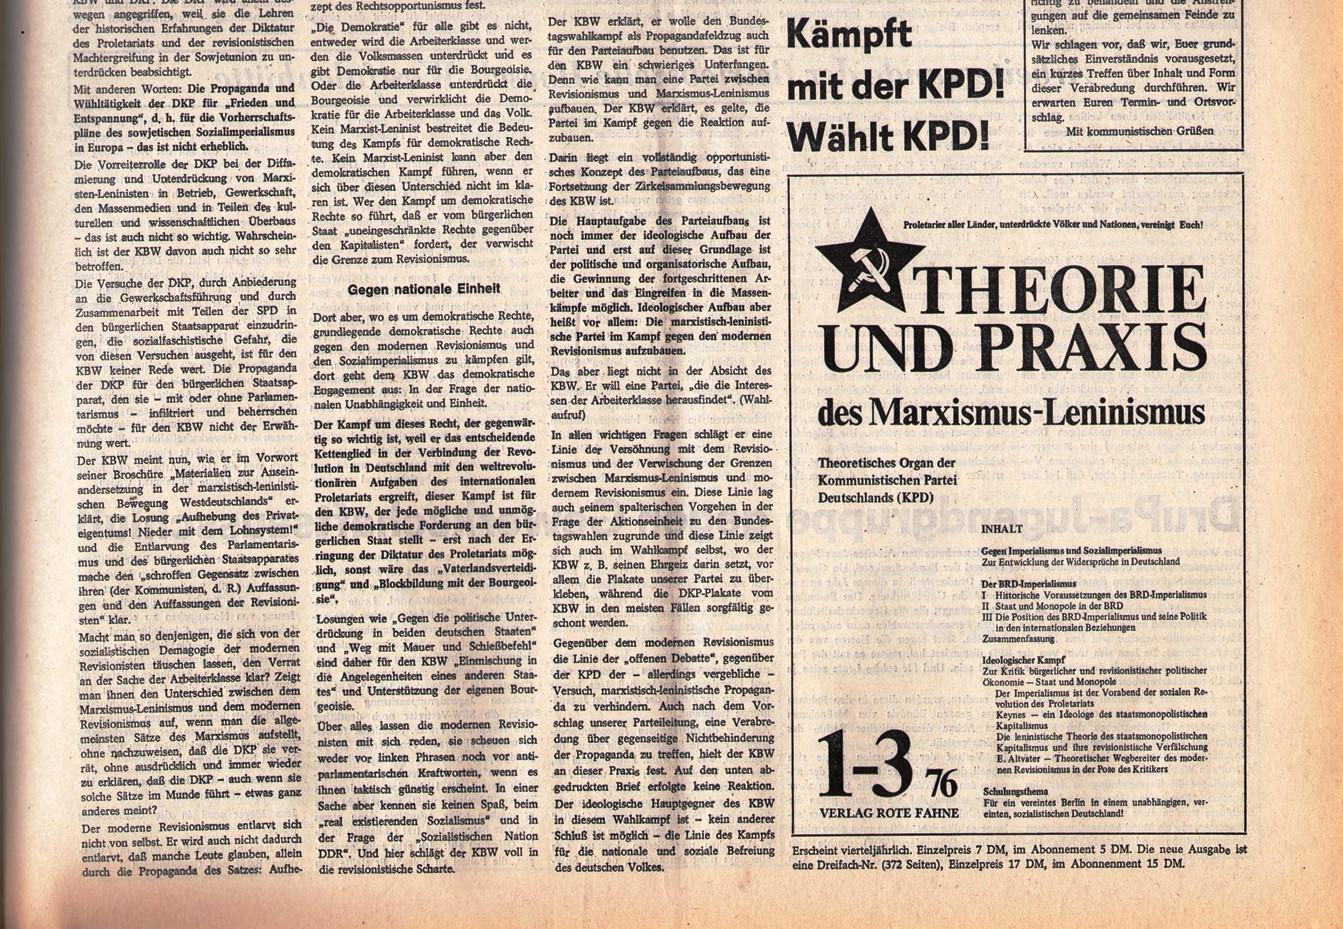 KPD_Rote_Fahne_1976_38_18